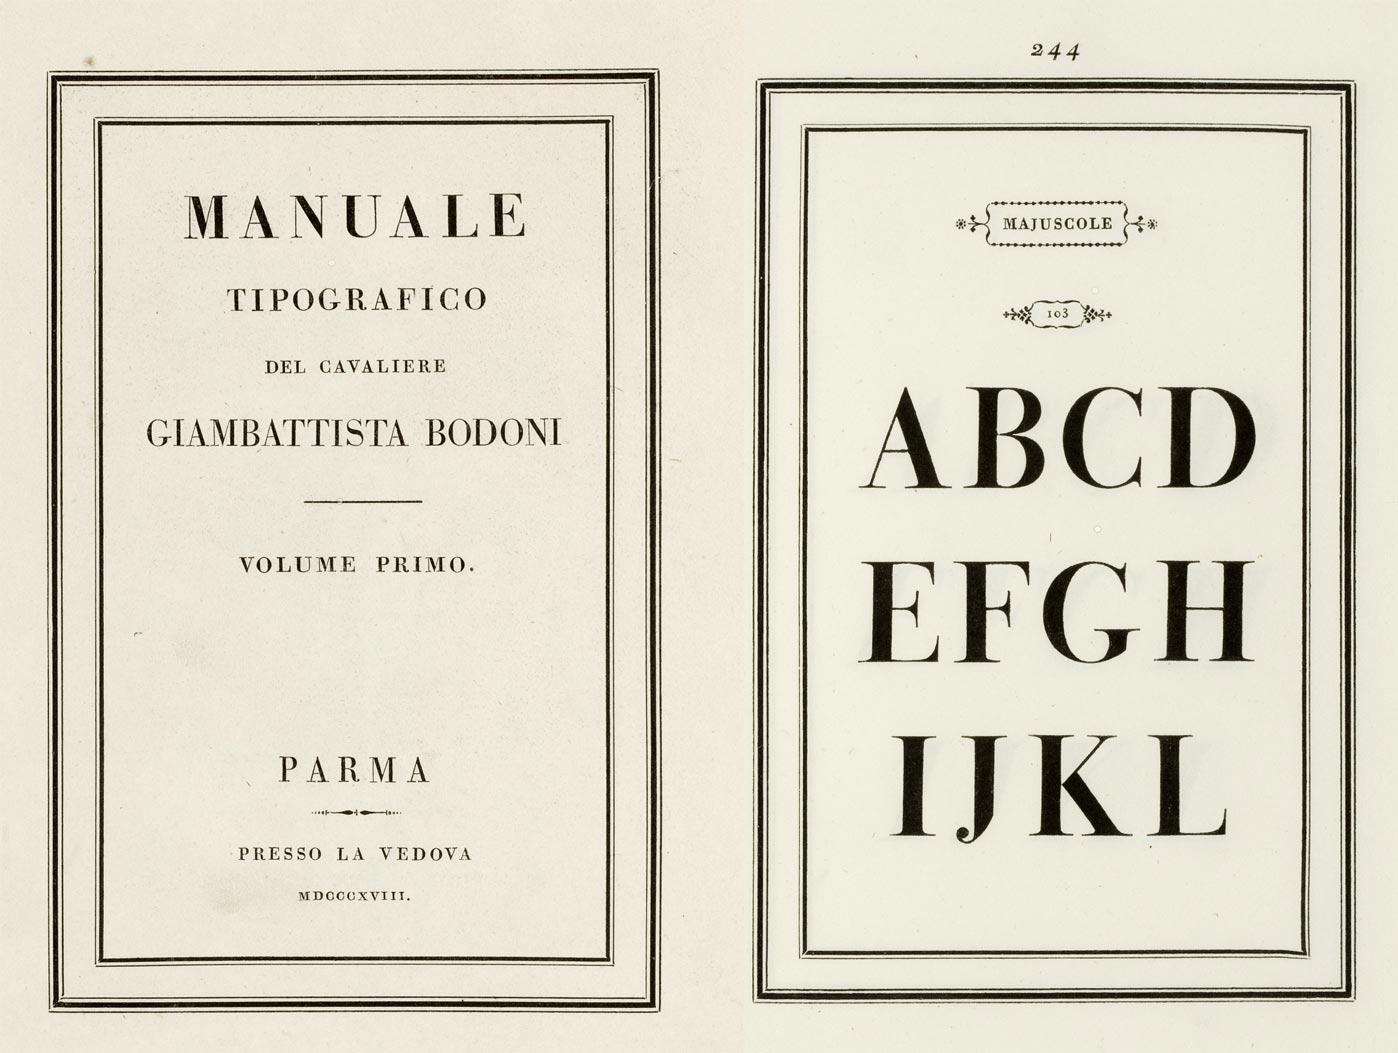 Marguerita Dall Aglio, Manuale Tipográfico Bodoni